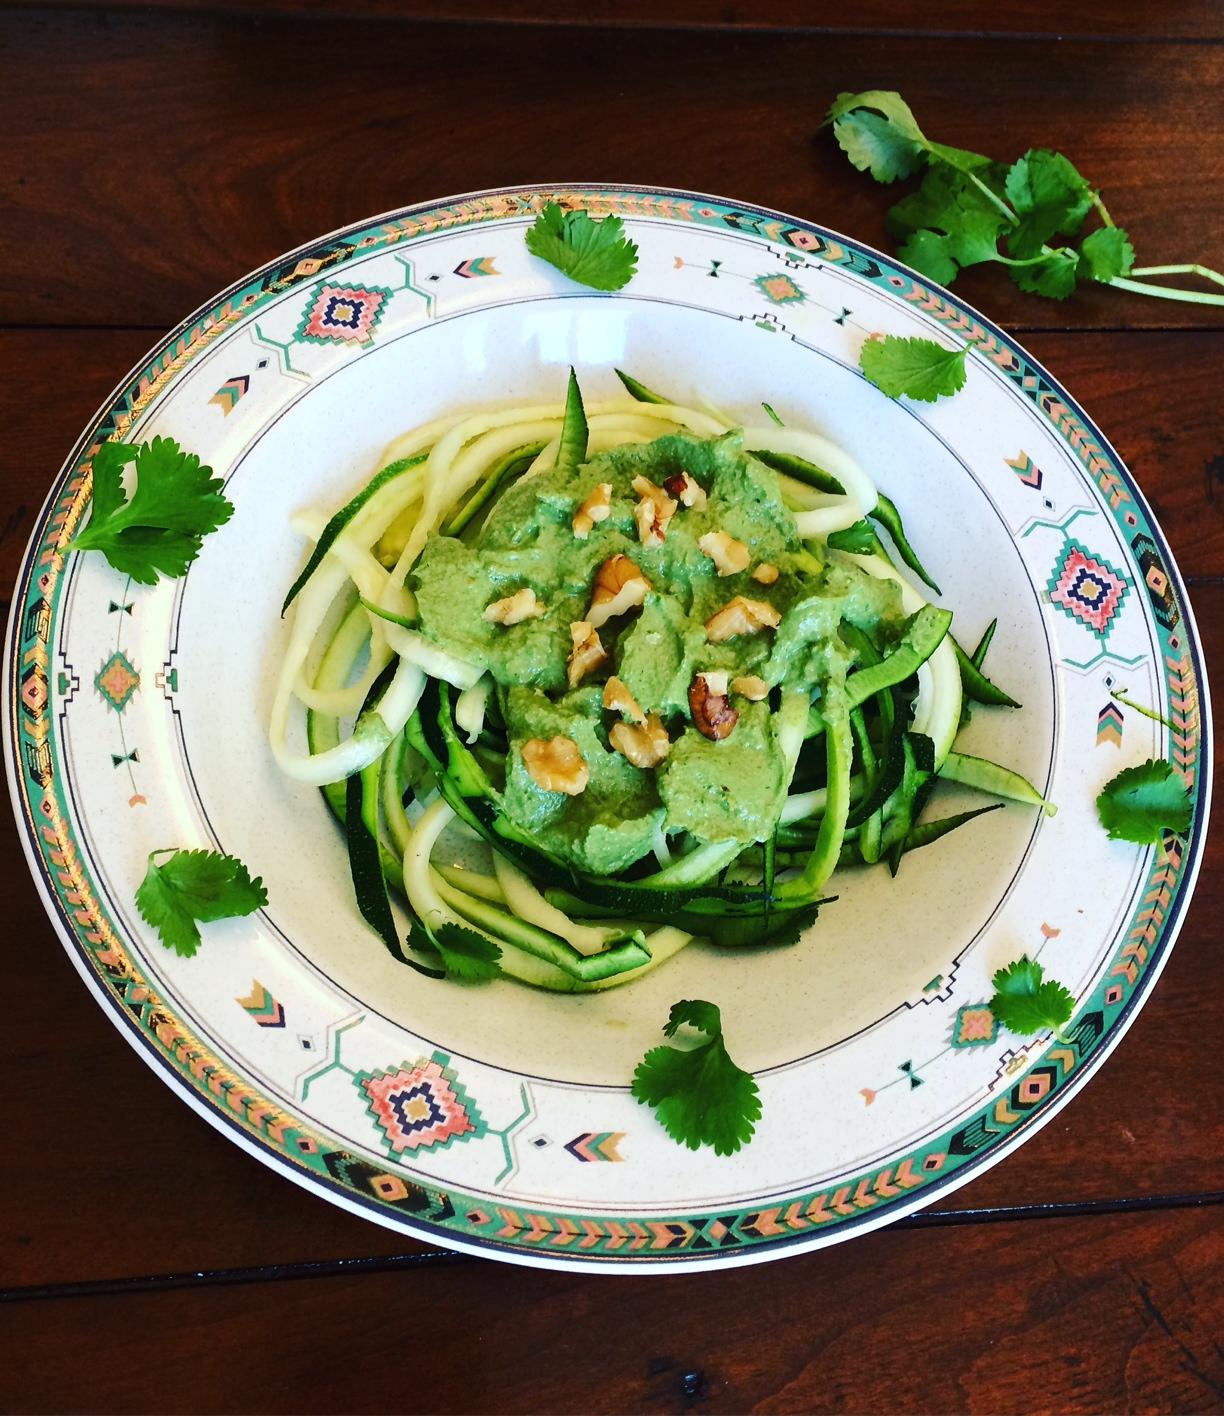 Zucchini Noodles w/ Cilantro Pesto